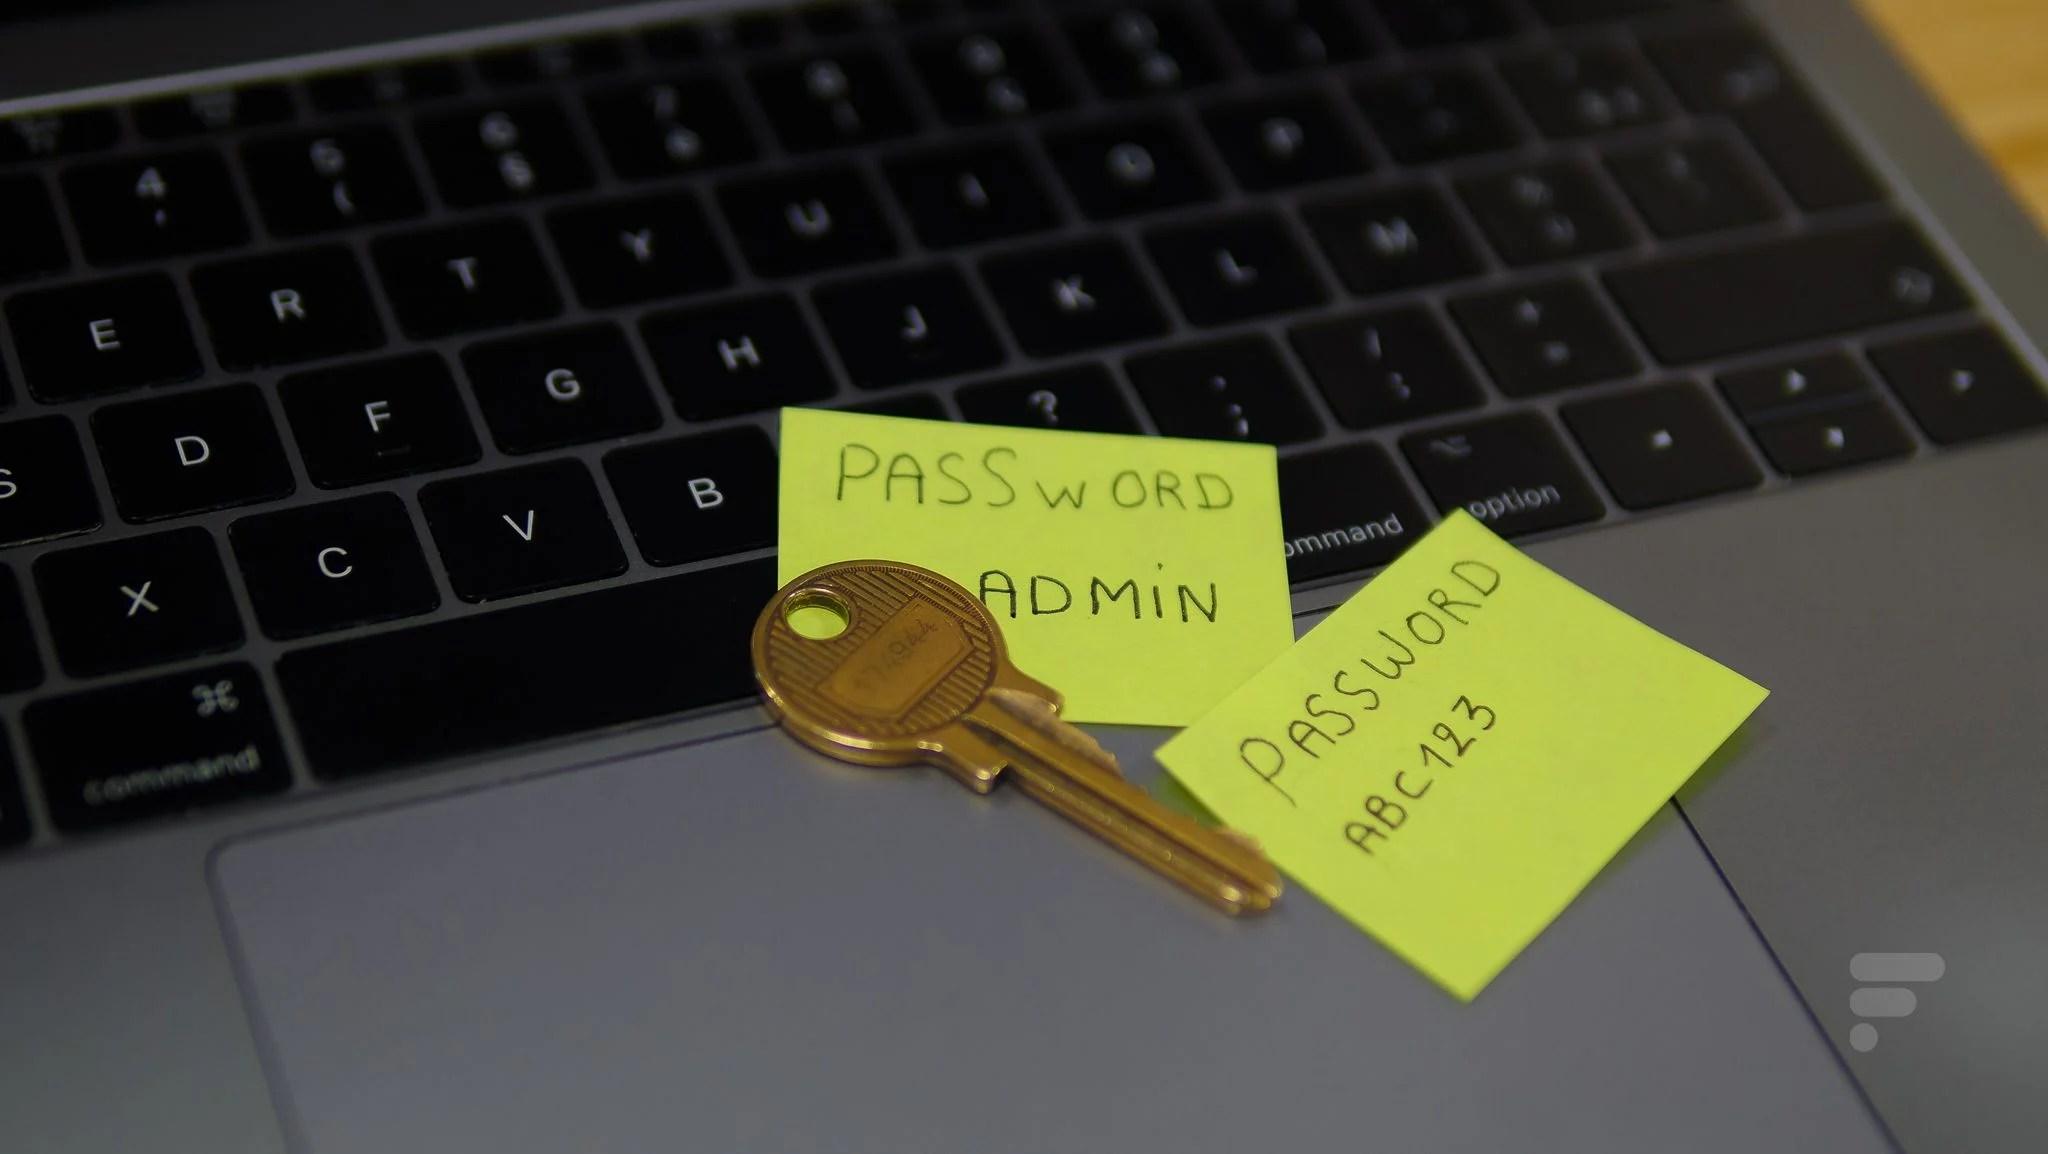 Mots de passe, sauvegardes, emails : nos conseils pour améliorer son hygiène numérique